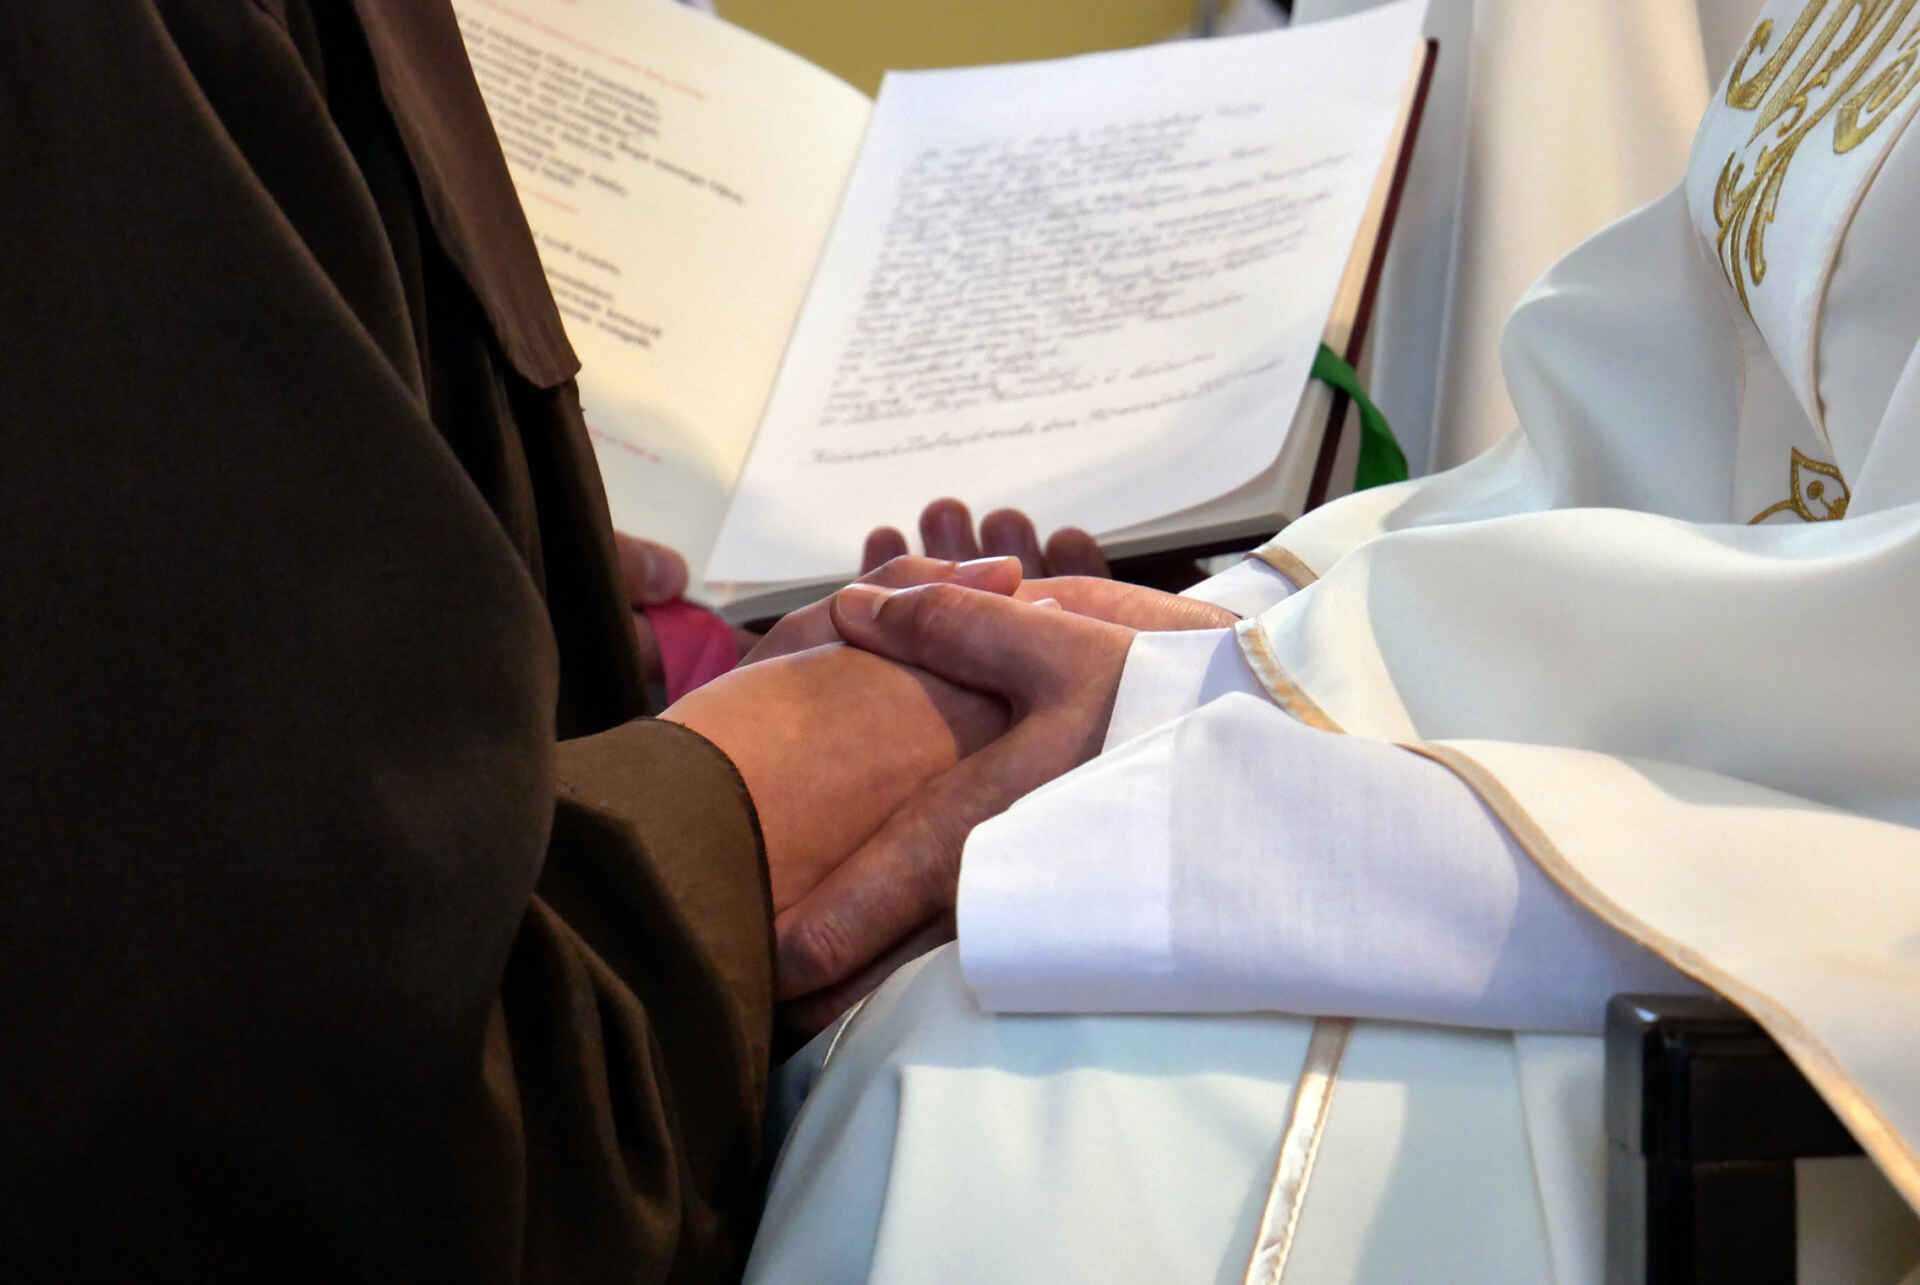 Odnowienie ślubów czasowych